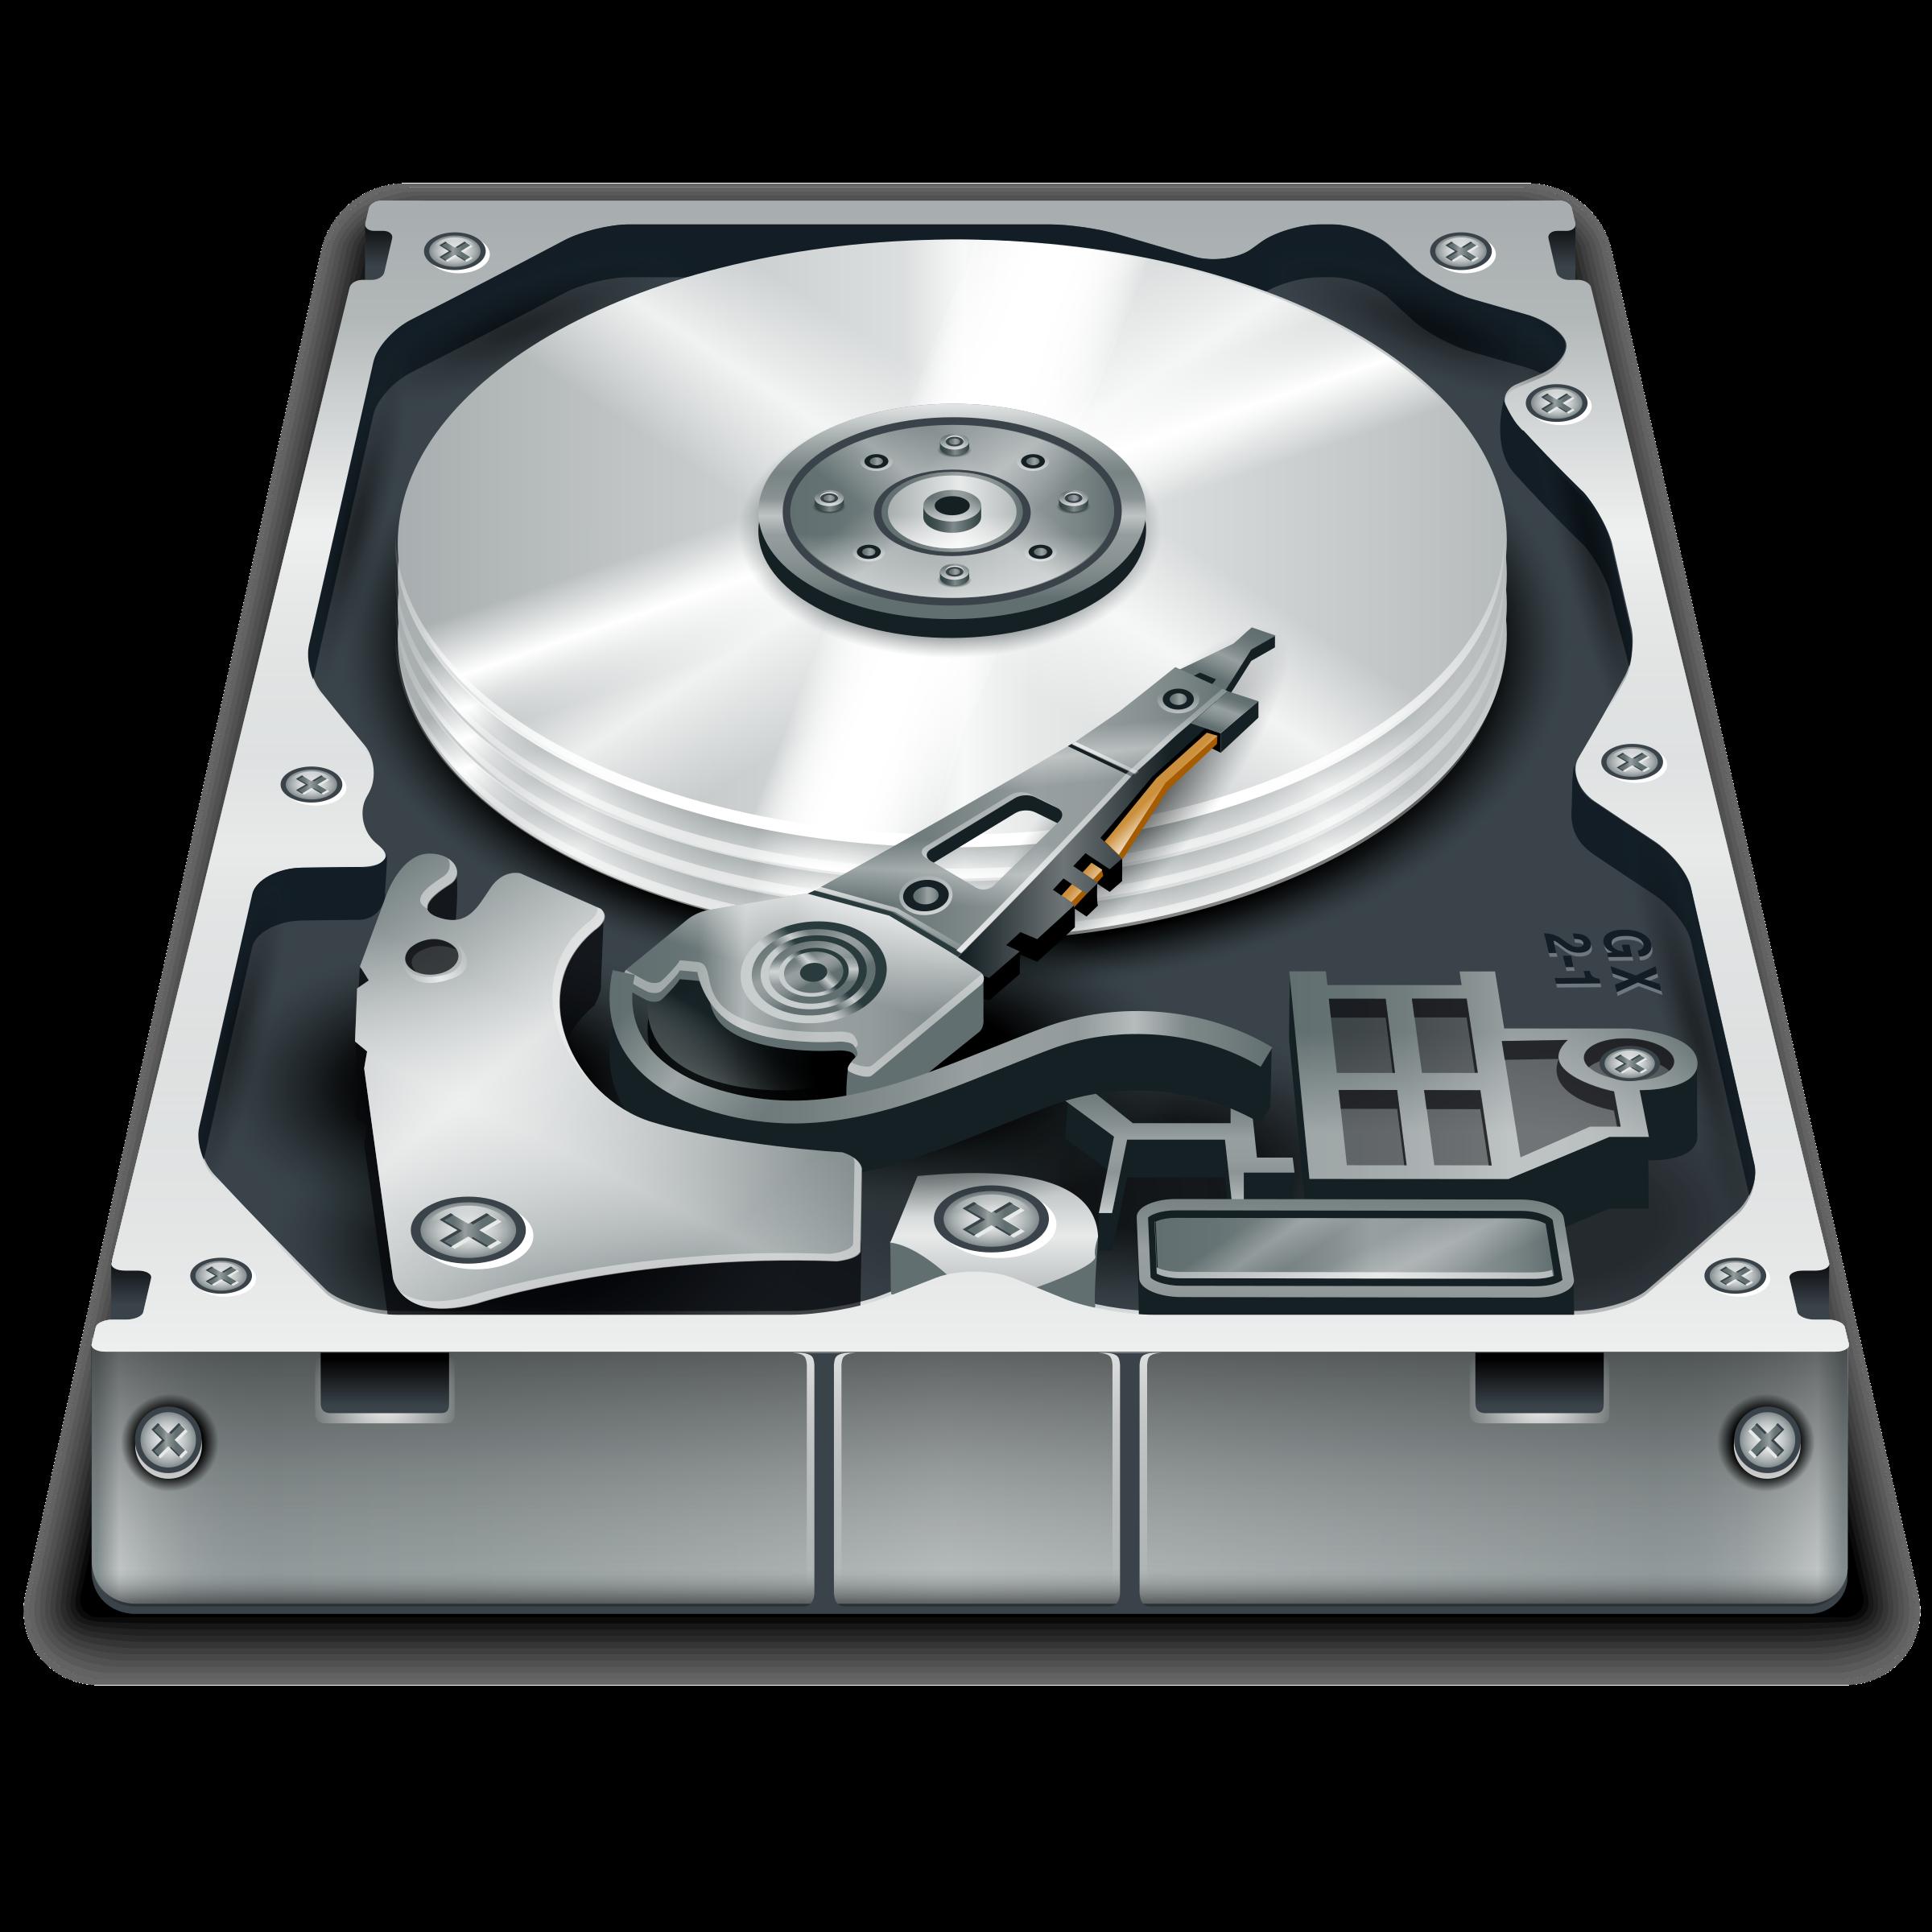 BIG IMAGE (PNG) - Harddisk HD PNG